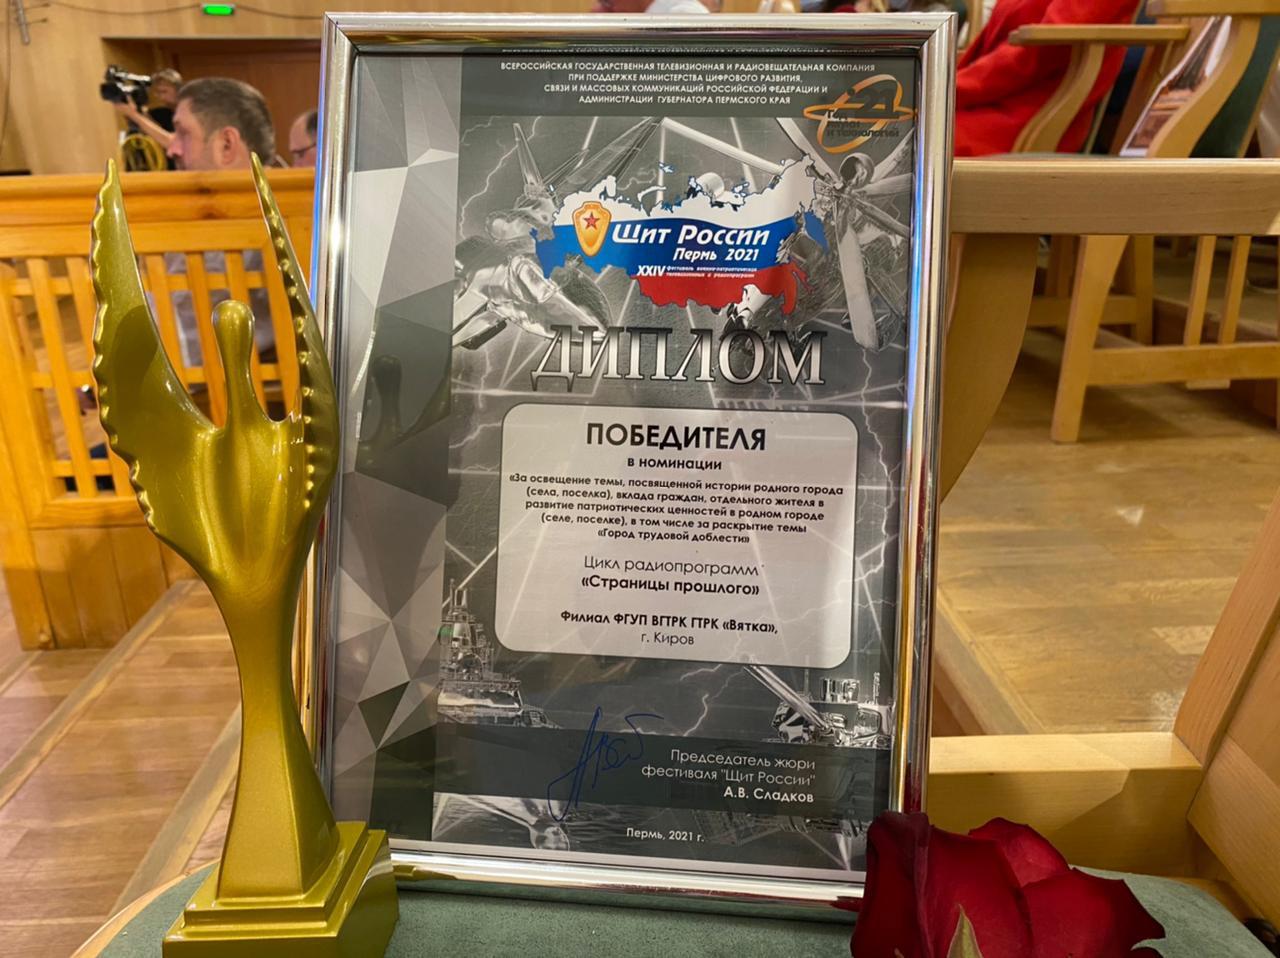 Коллектив ГТРК «Вятка» вошел в число победителей Всероссийского фестиваля «Щит России»